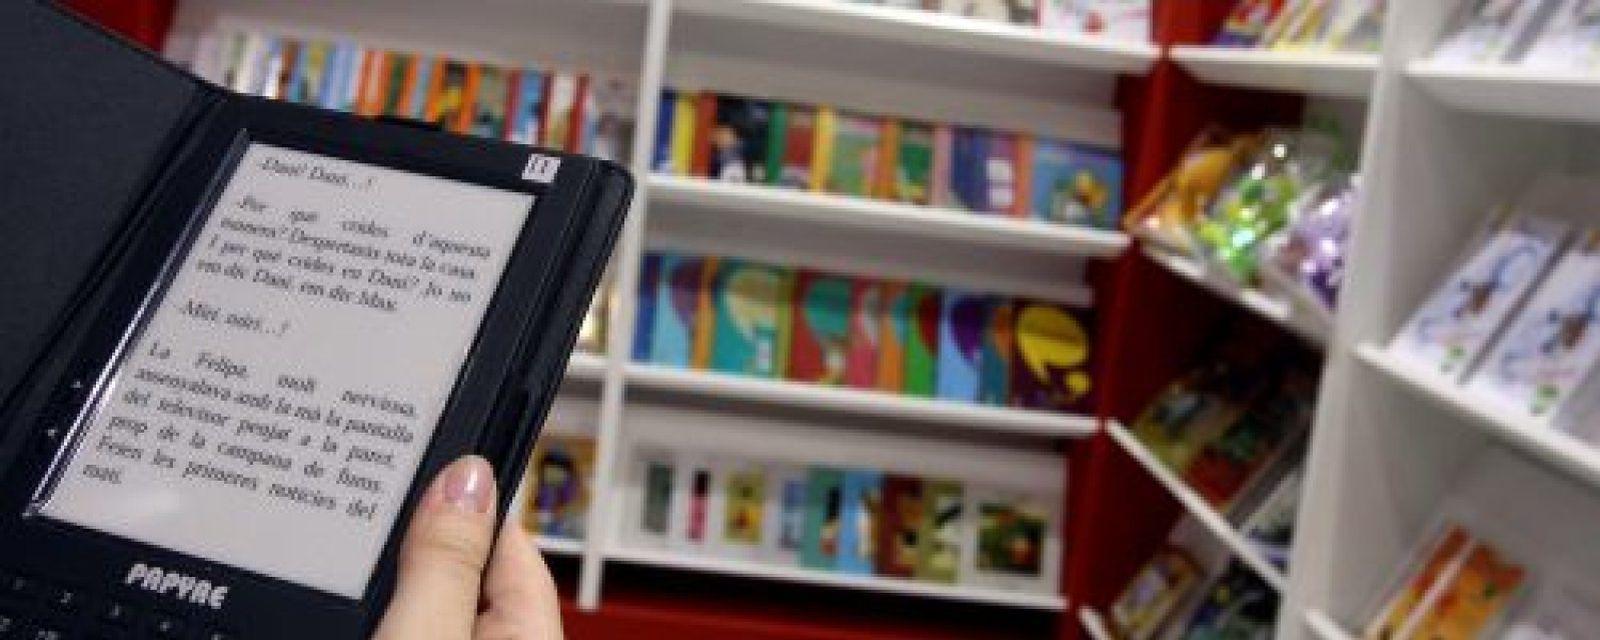 Foto: ¿Por qué no despega el libro electrónico?